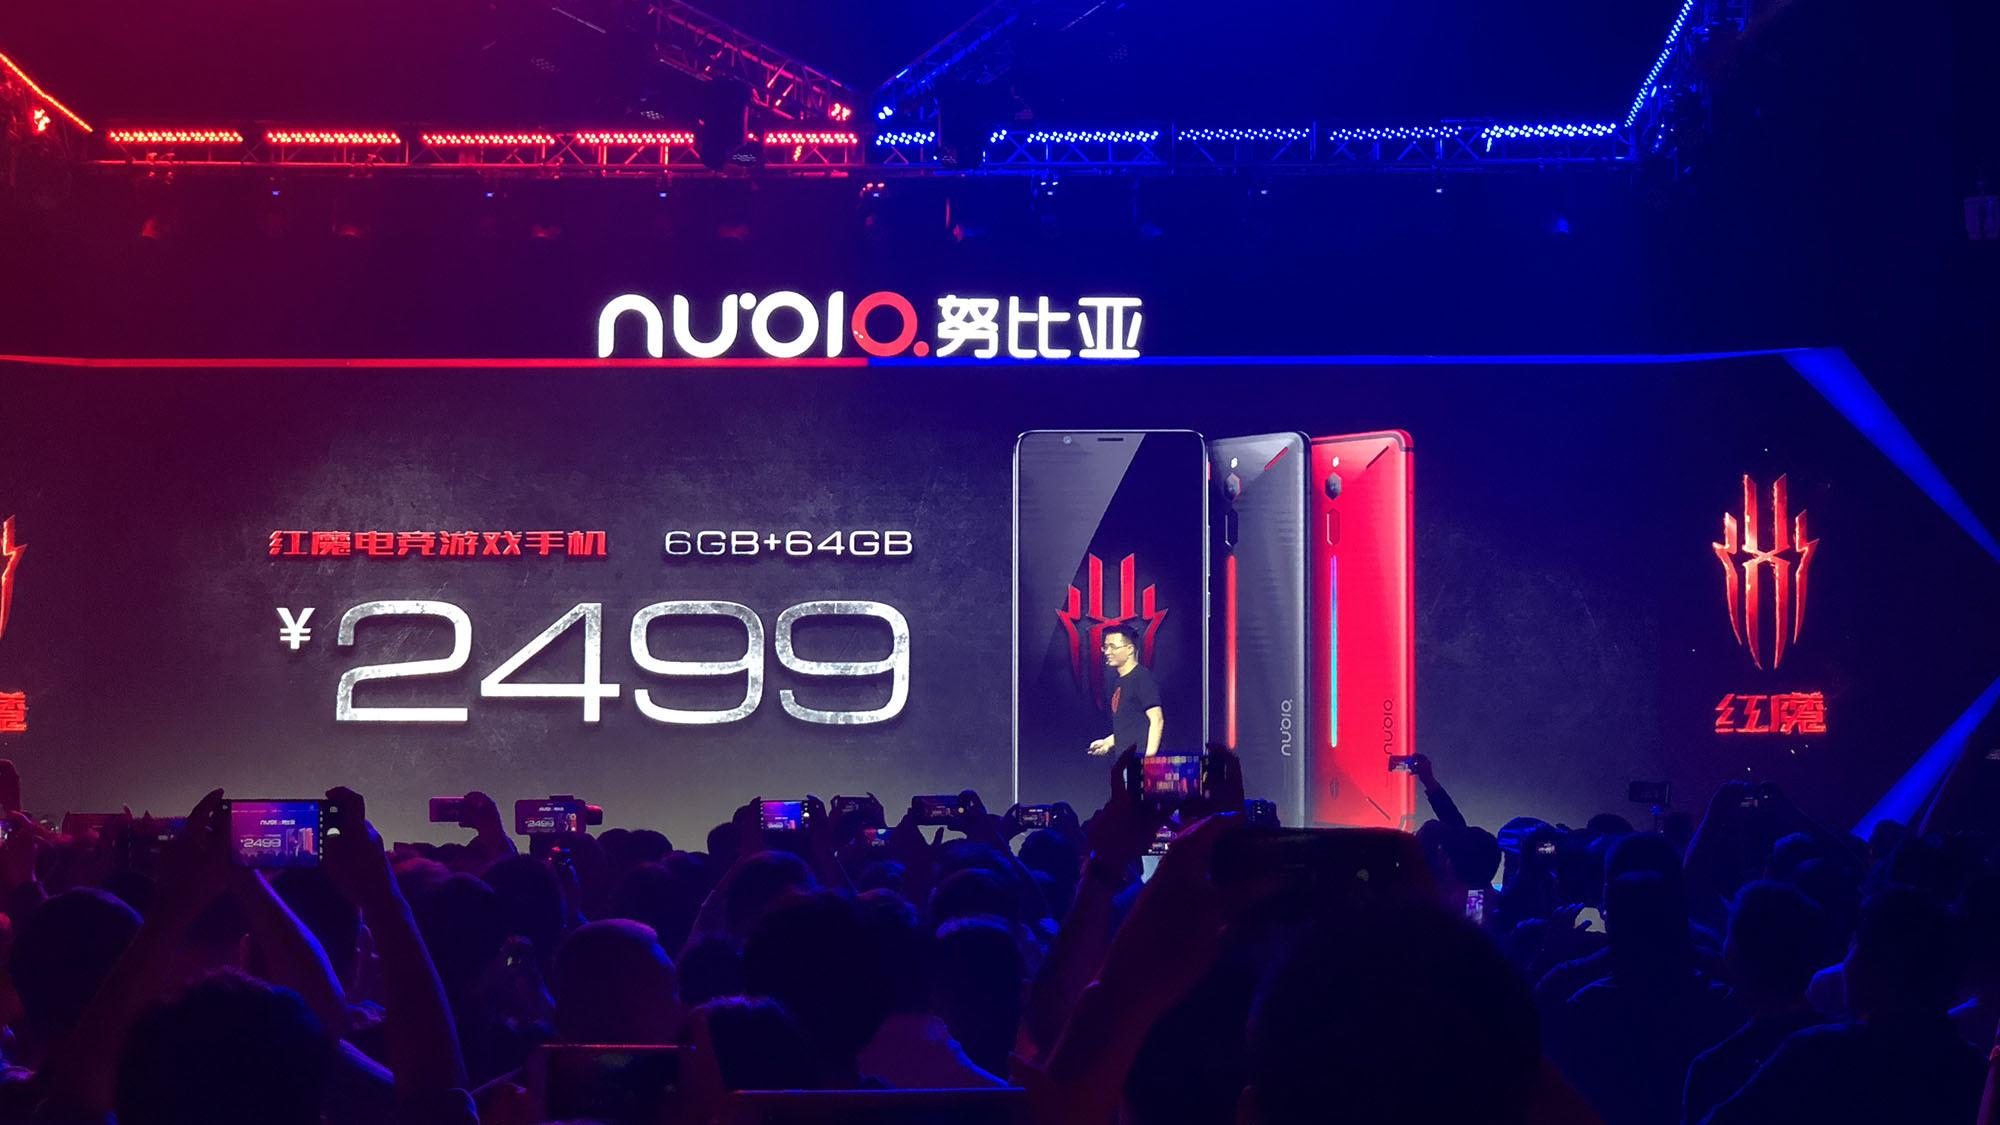 """努比亚发布电竞游戏手机""""红魔"""":采用风冷技术散热 售价2499元起"""